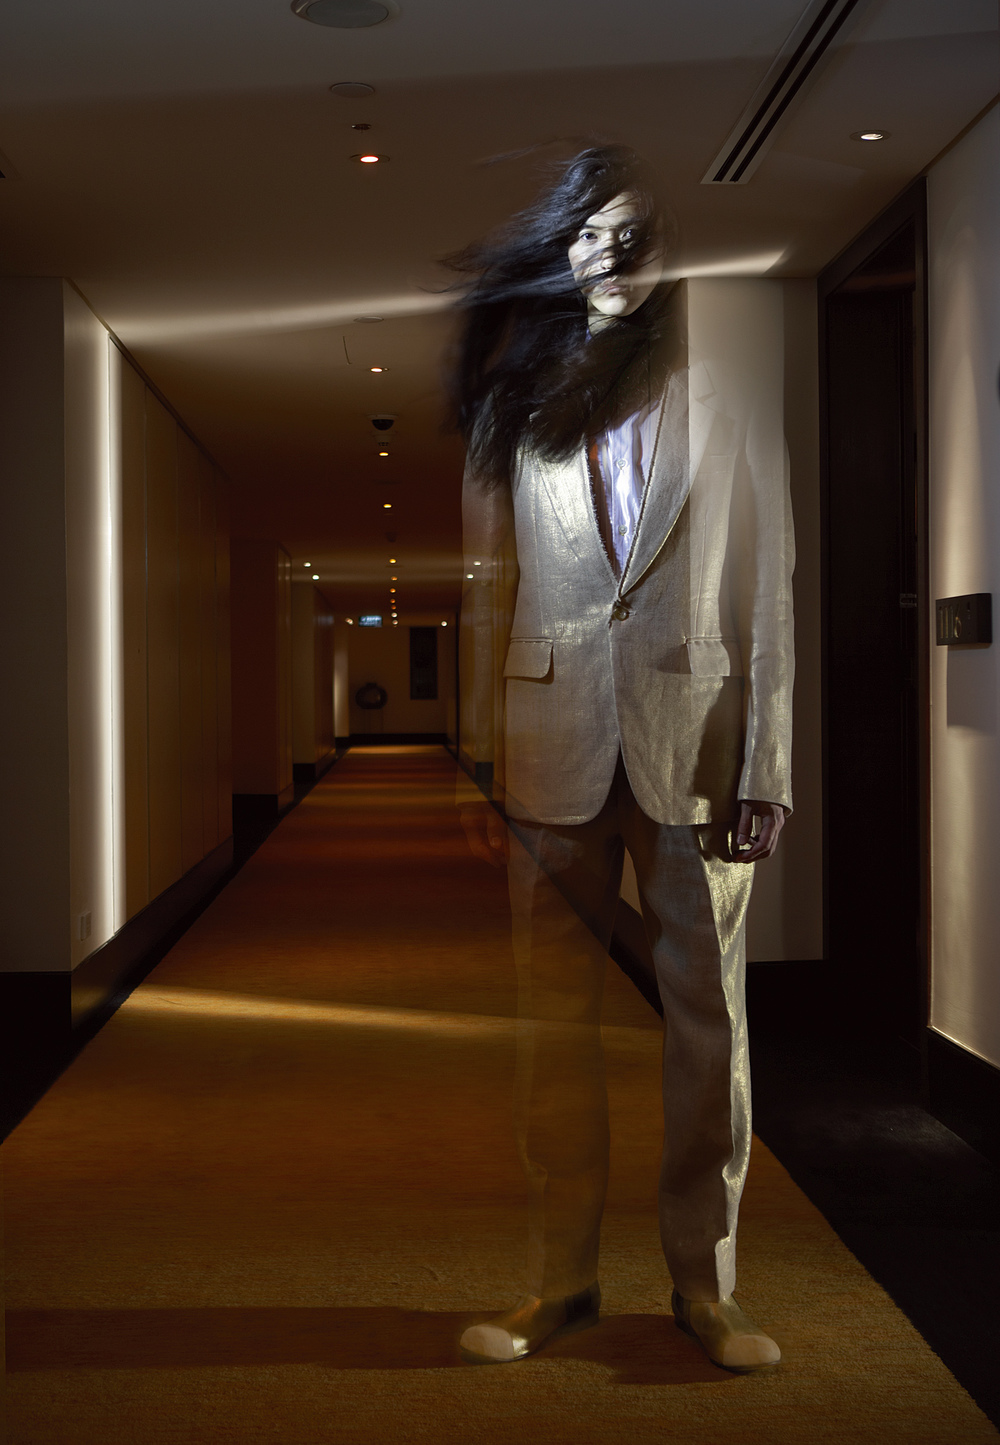 corridore.jpg